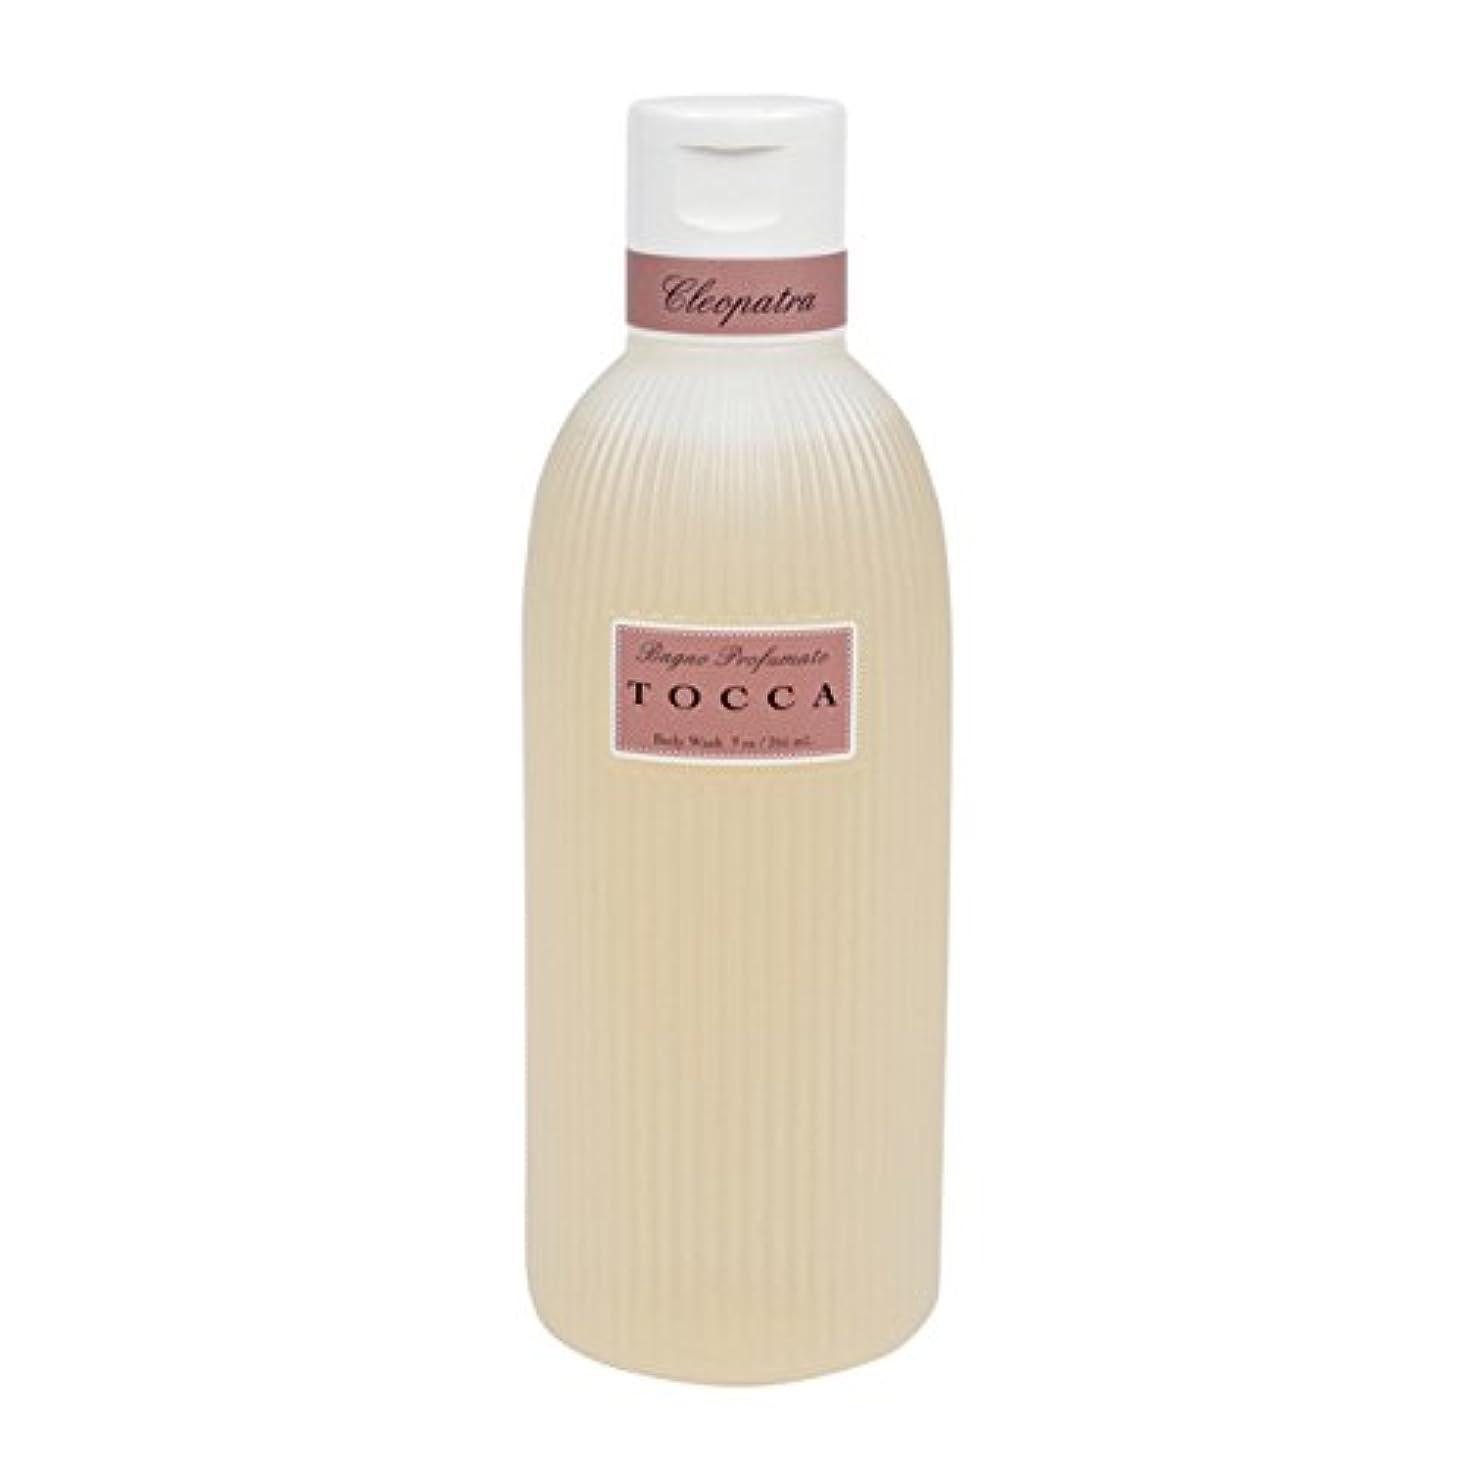 最小化する血まみれ抽出トッカ(TOCCA) ボディーケアウォッシュ クレオパトラの香り 266ml(全身用洗浄料 ボディーソープ グレープフルーツとキューカンバーのフレッシュでクリーンな香り)